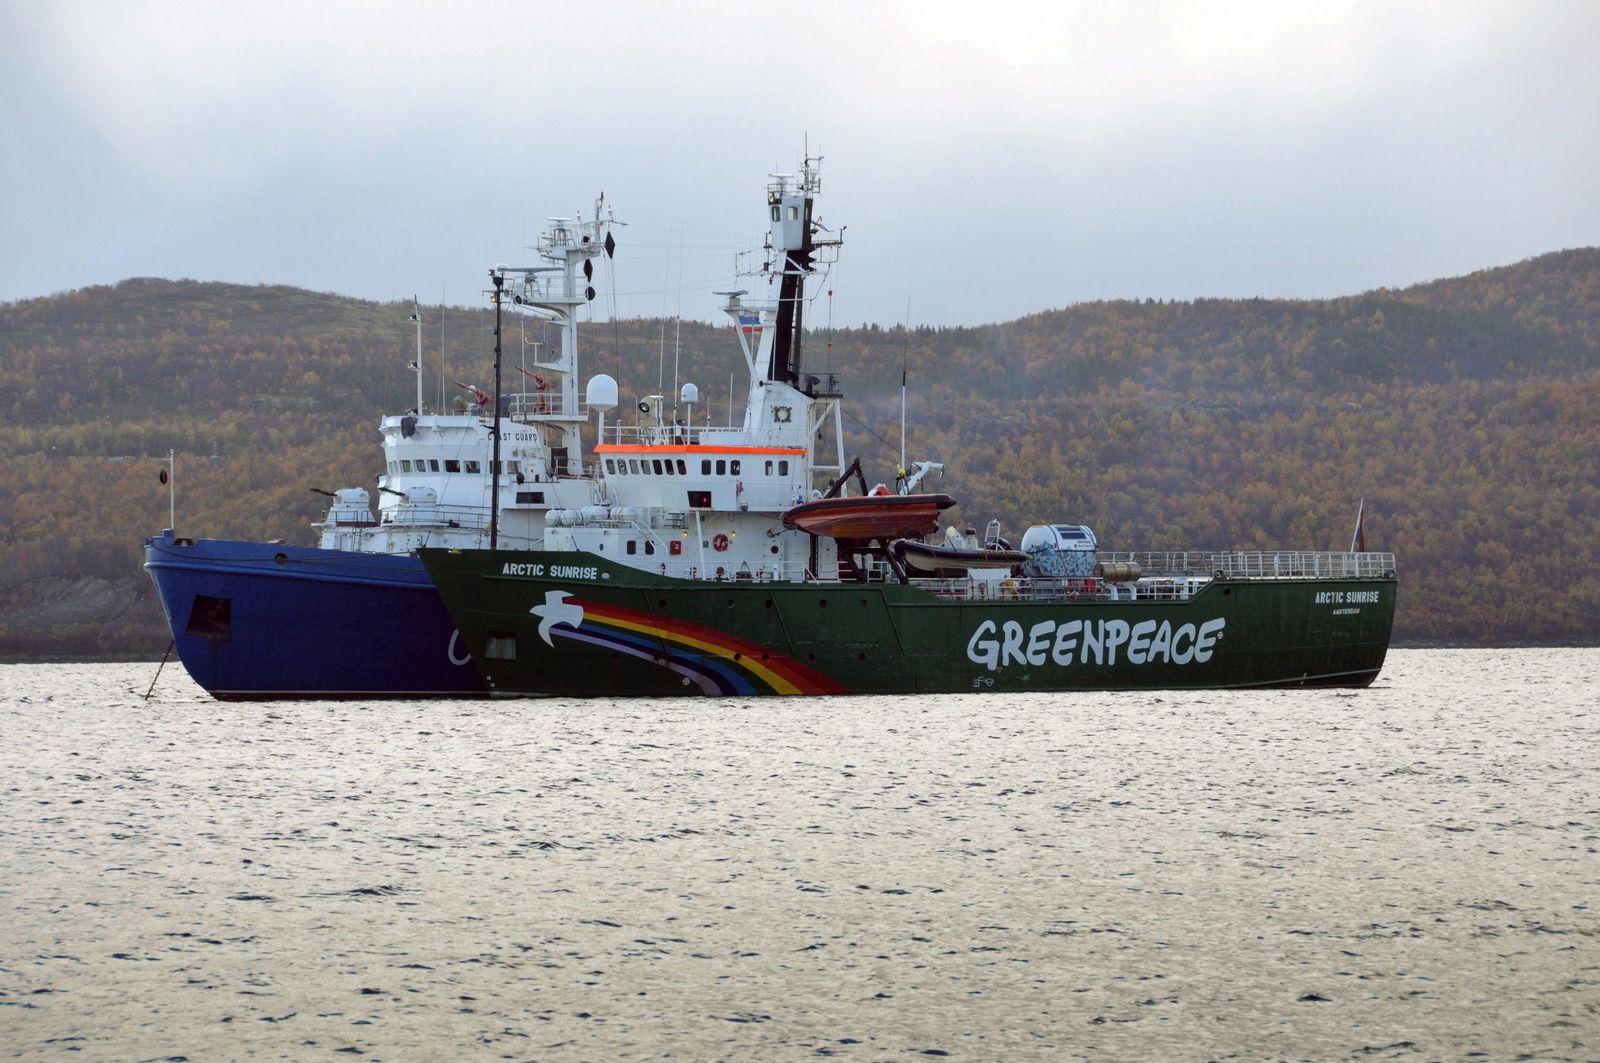 Greenpeace / Murmansk